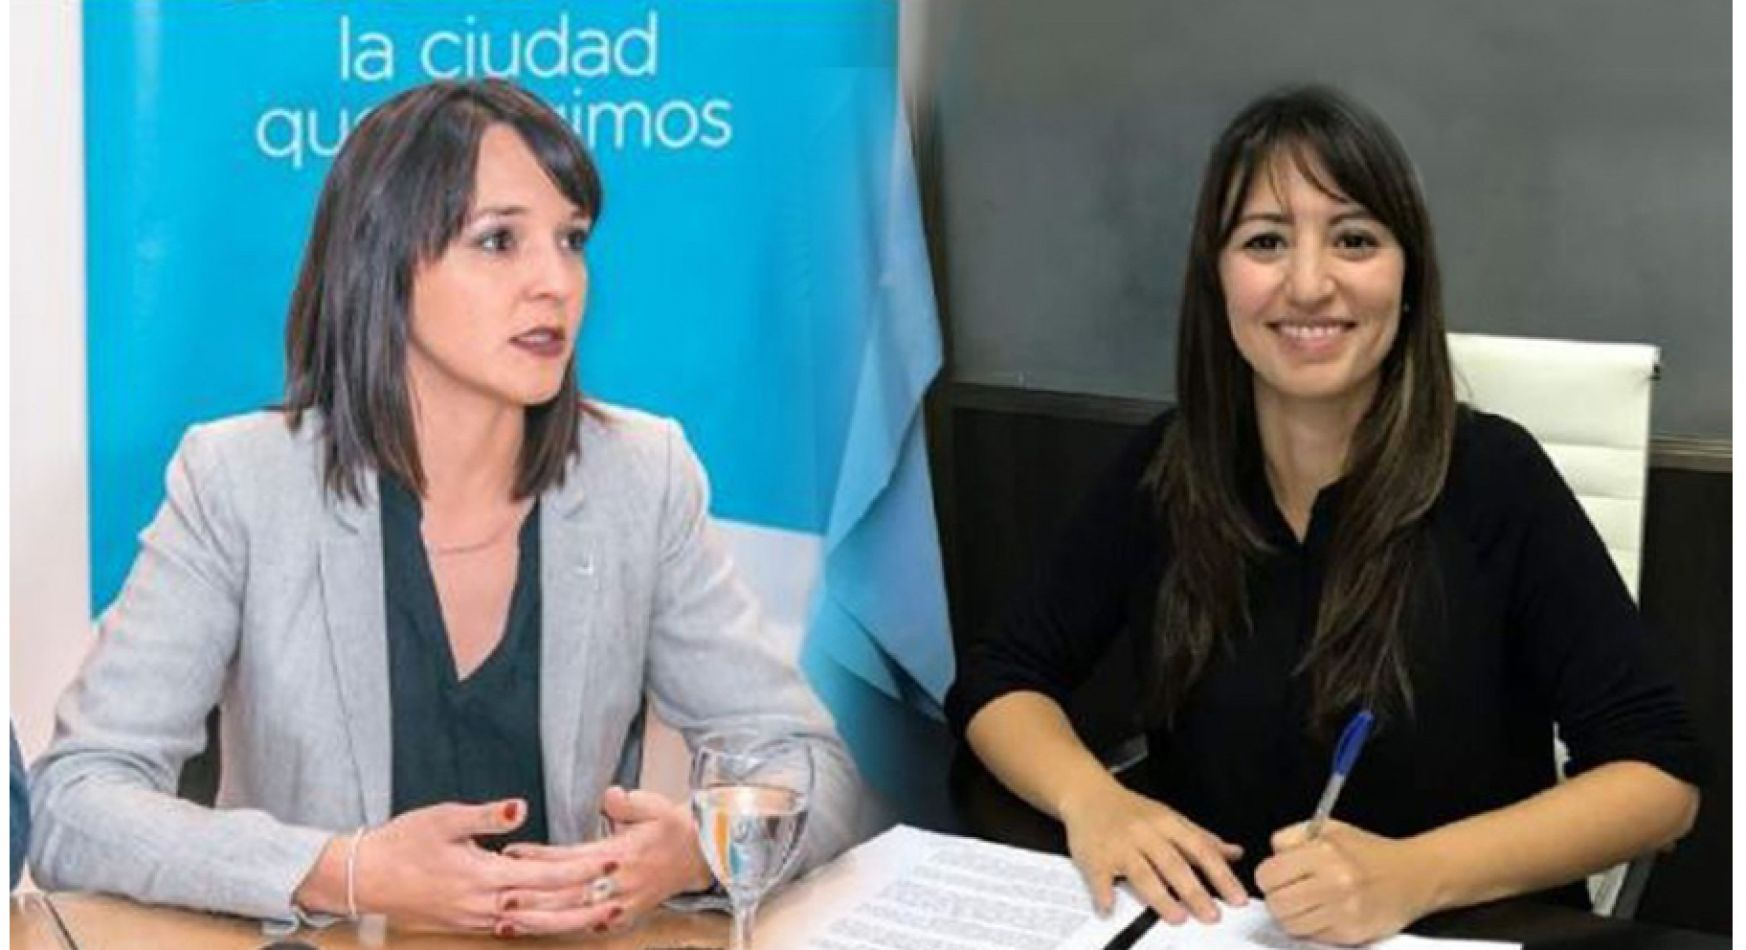 Representantes del Partido Verde en la Legislatura, Victoria Vuoto, Laura Colazo y Jorge Colazo.